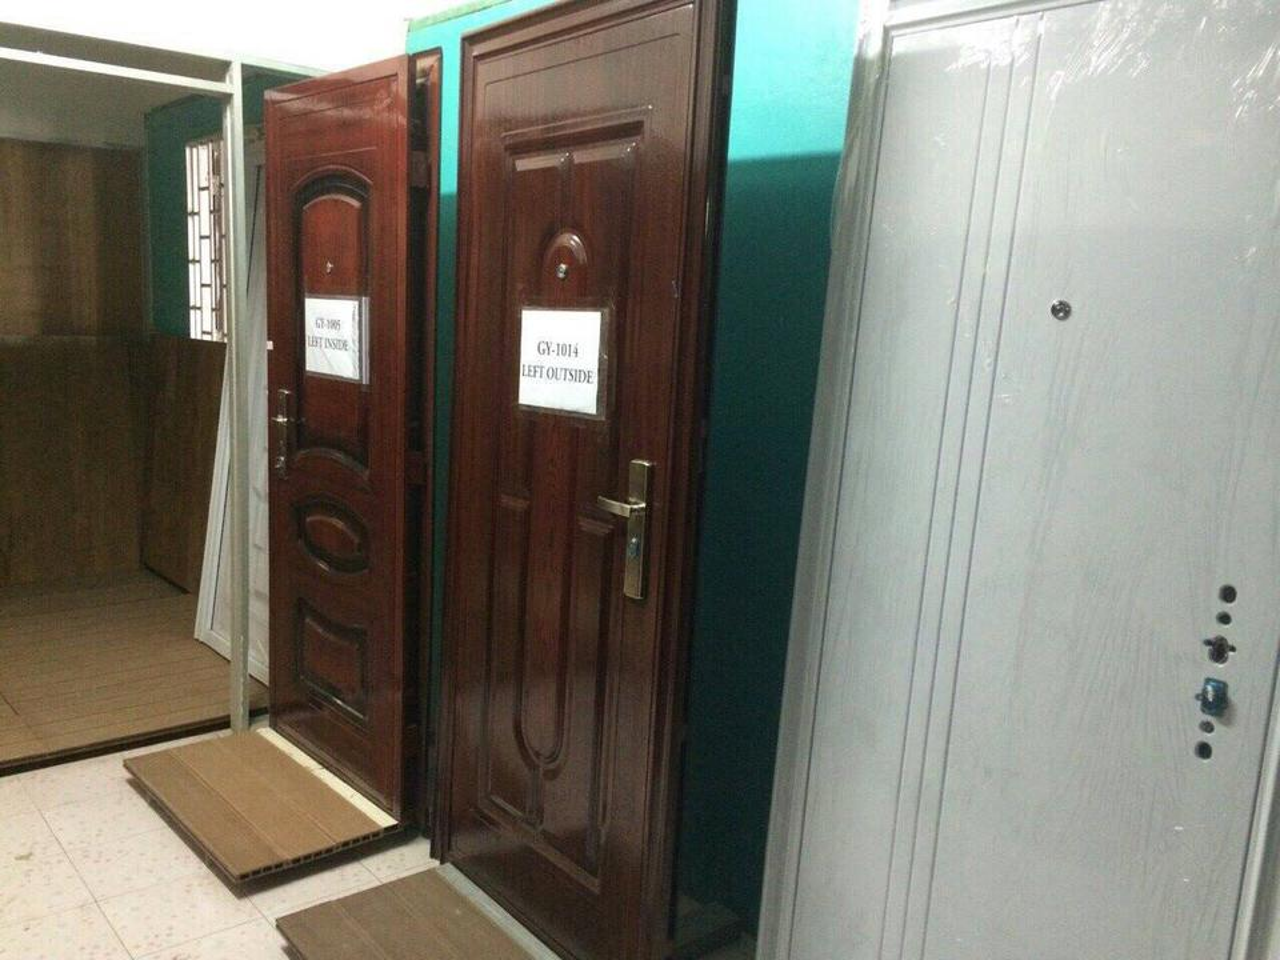 ประตูนิรภัย ประตูสำเร็จรูป ประตูบานเปิด รูปที่ 5